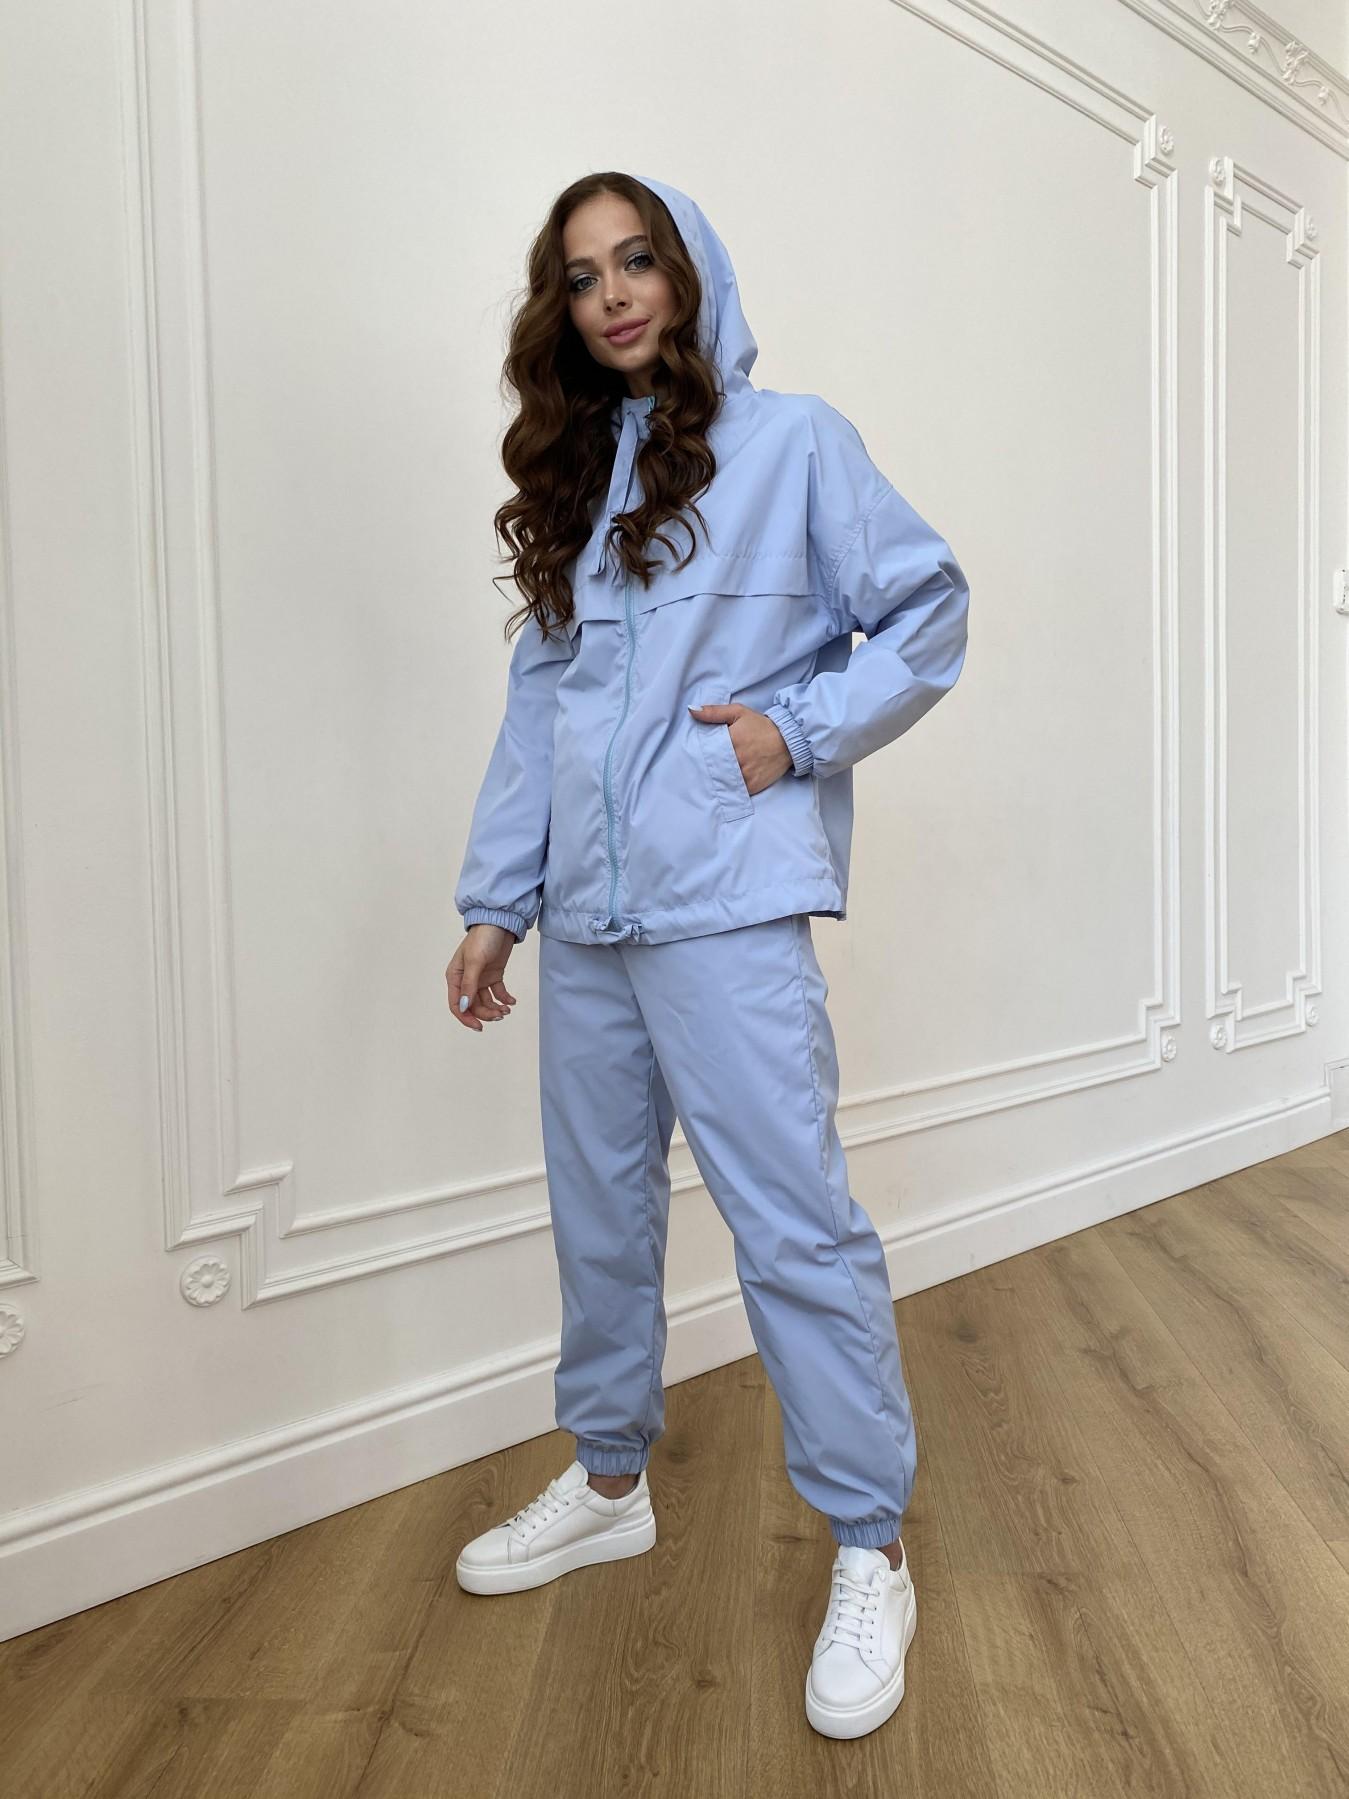 Фит костюм из плащевой ткани Ammy 11051 АРТ. 47641 Цвет: Голубой 1021 - фото 2, интернет магазин tm-modus.ru